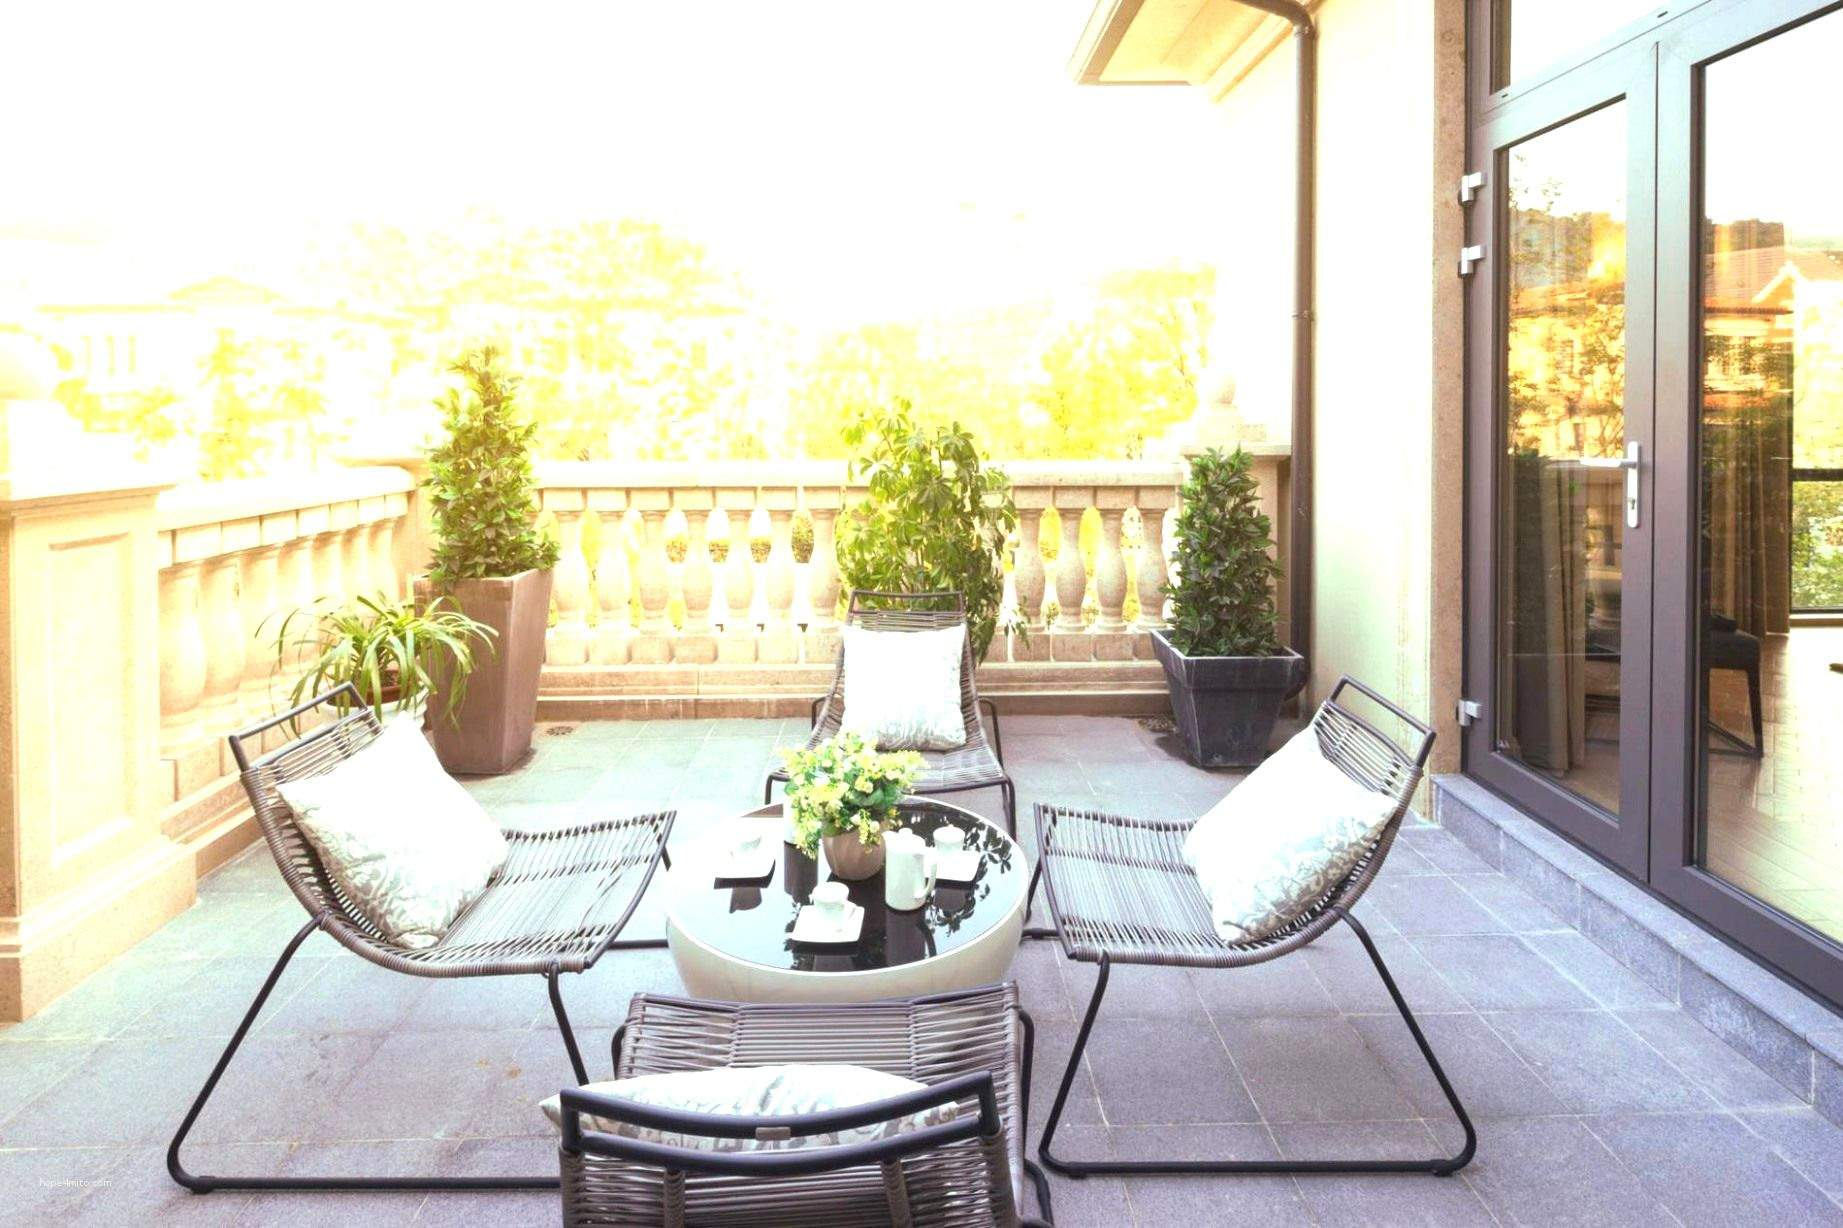 Balkon Deko Onlineshop Genial Wohnzimmer Gestalten Tipps Inspirierend 35 Inspirierend